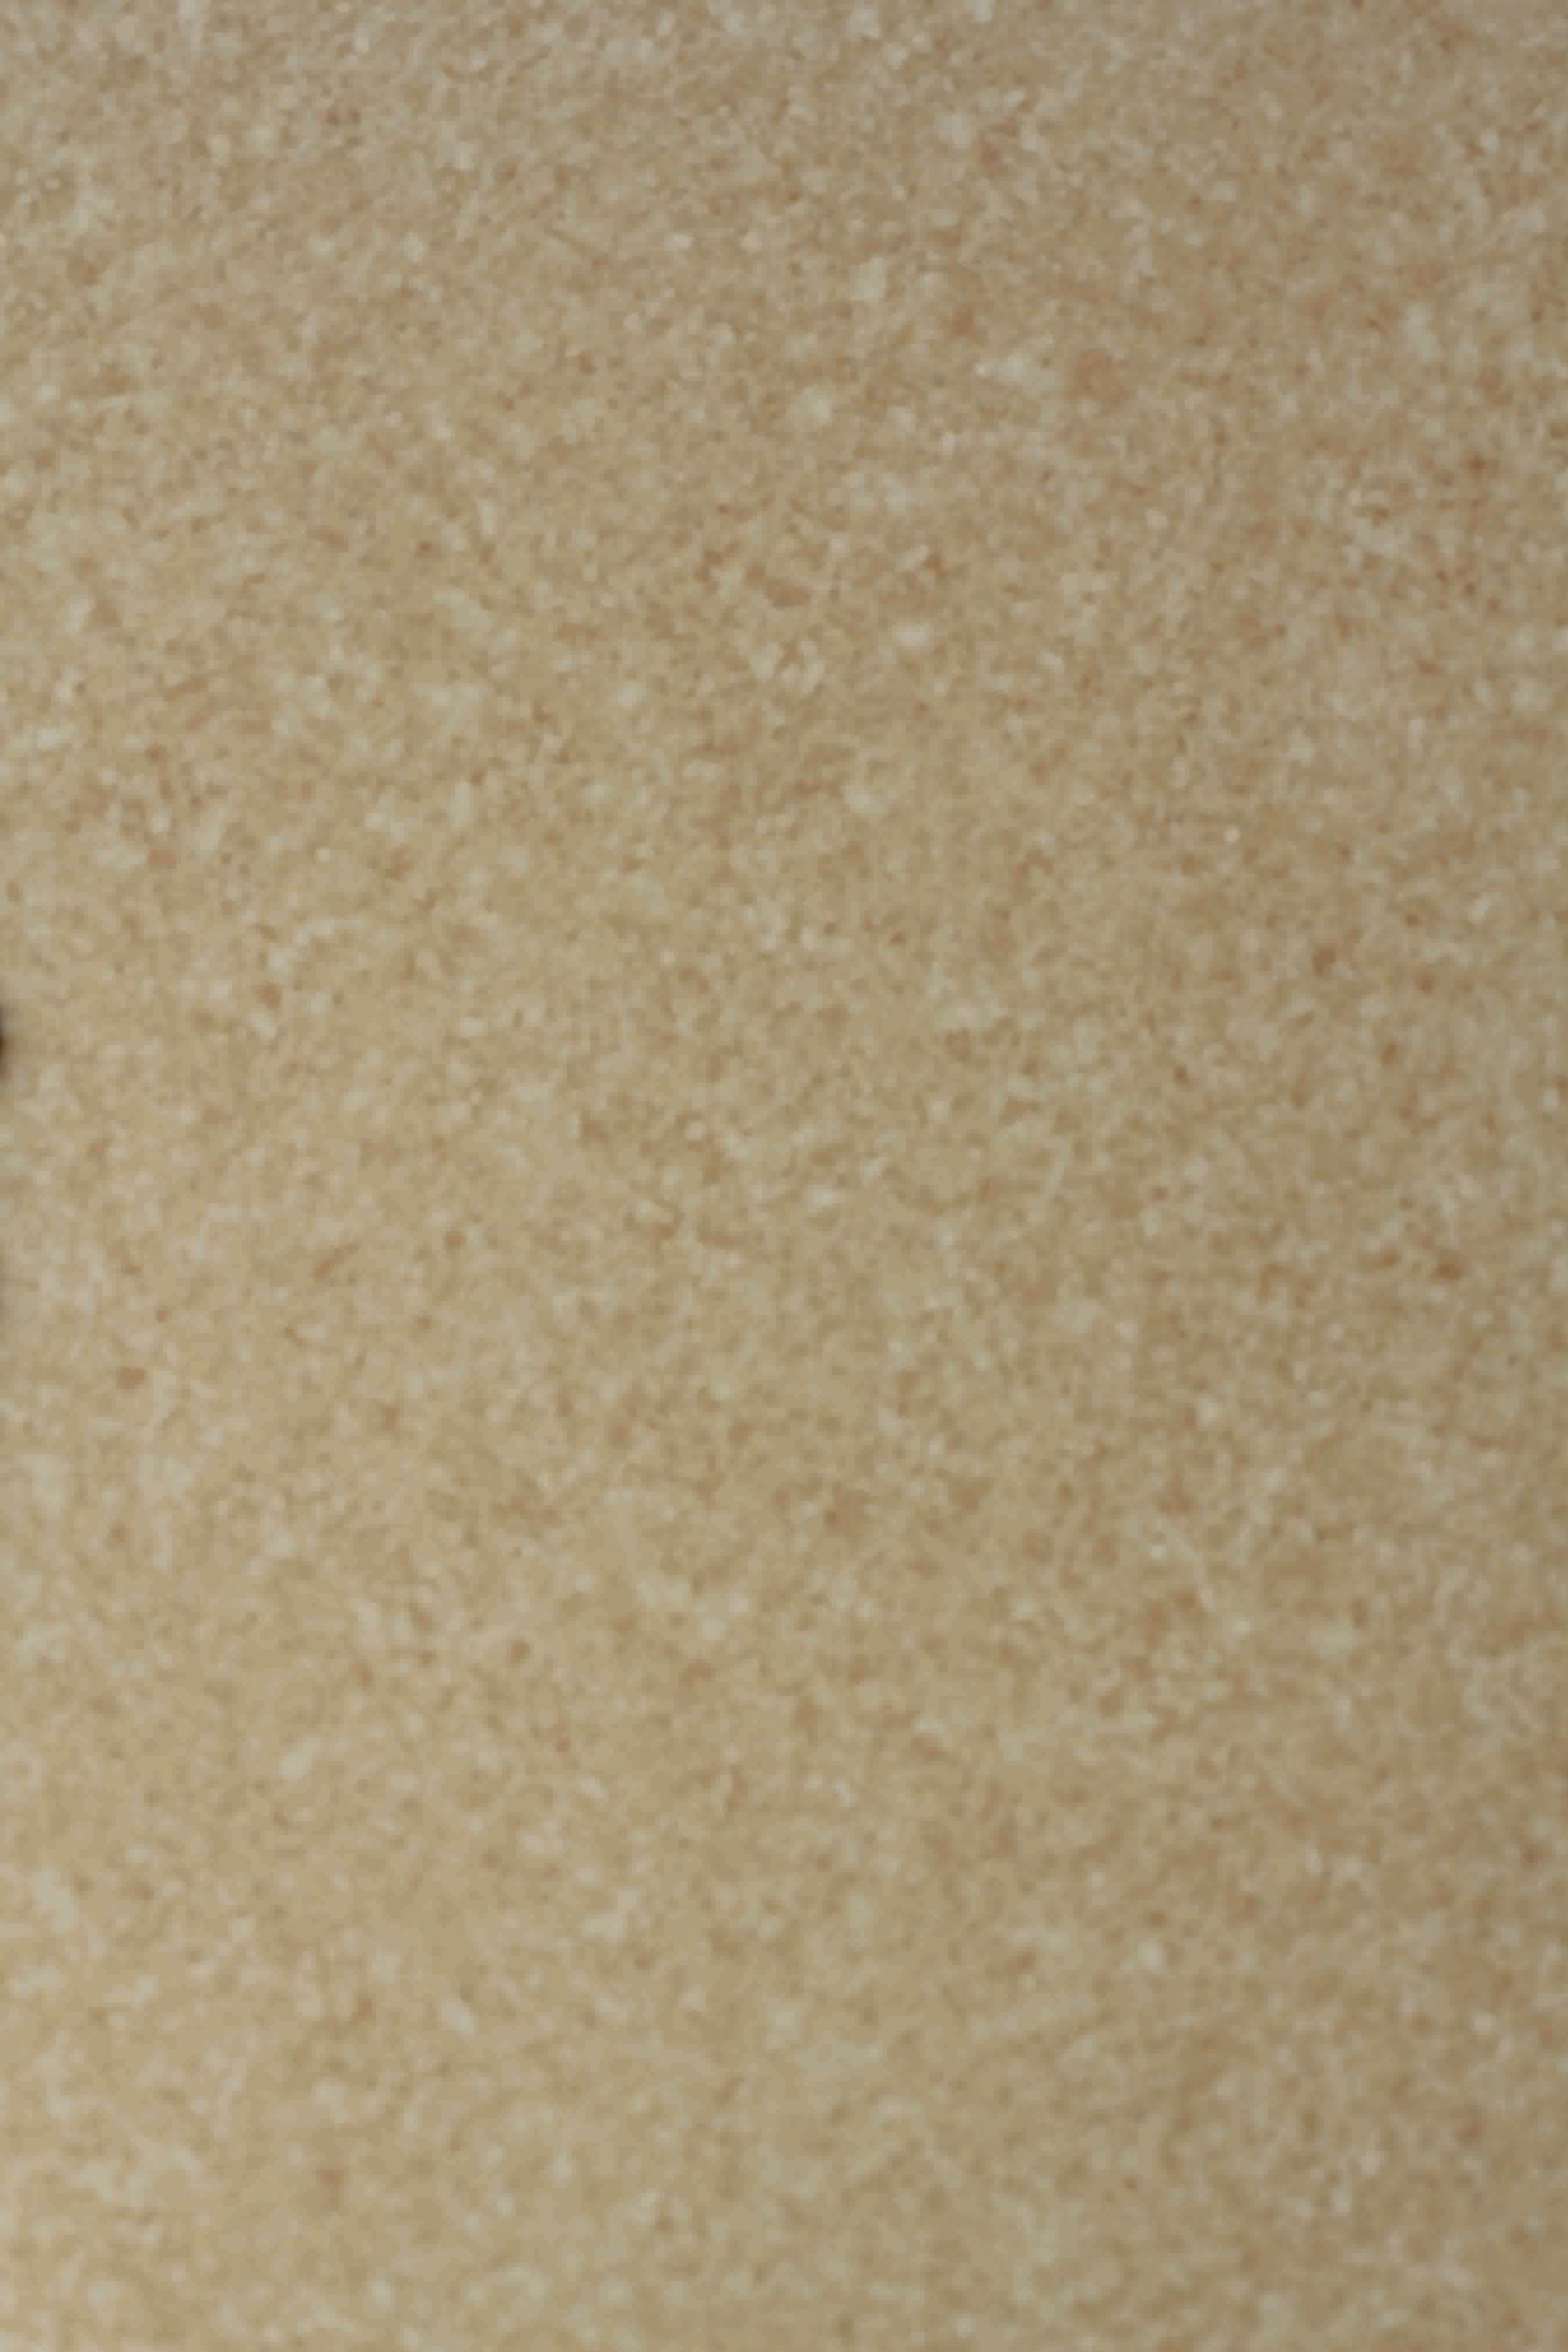 pvc flooring for school - frostyy beige